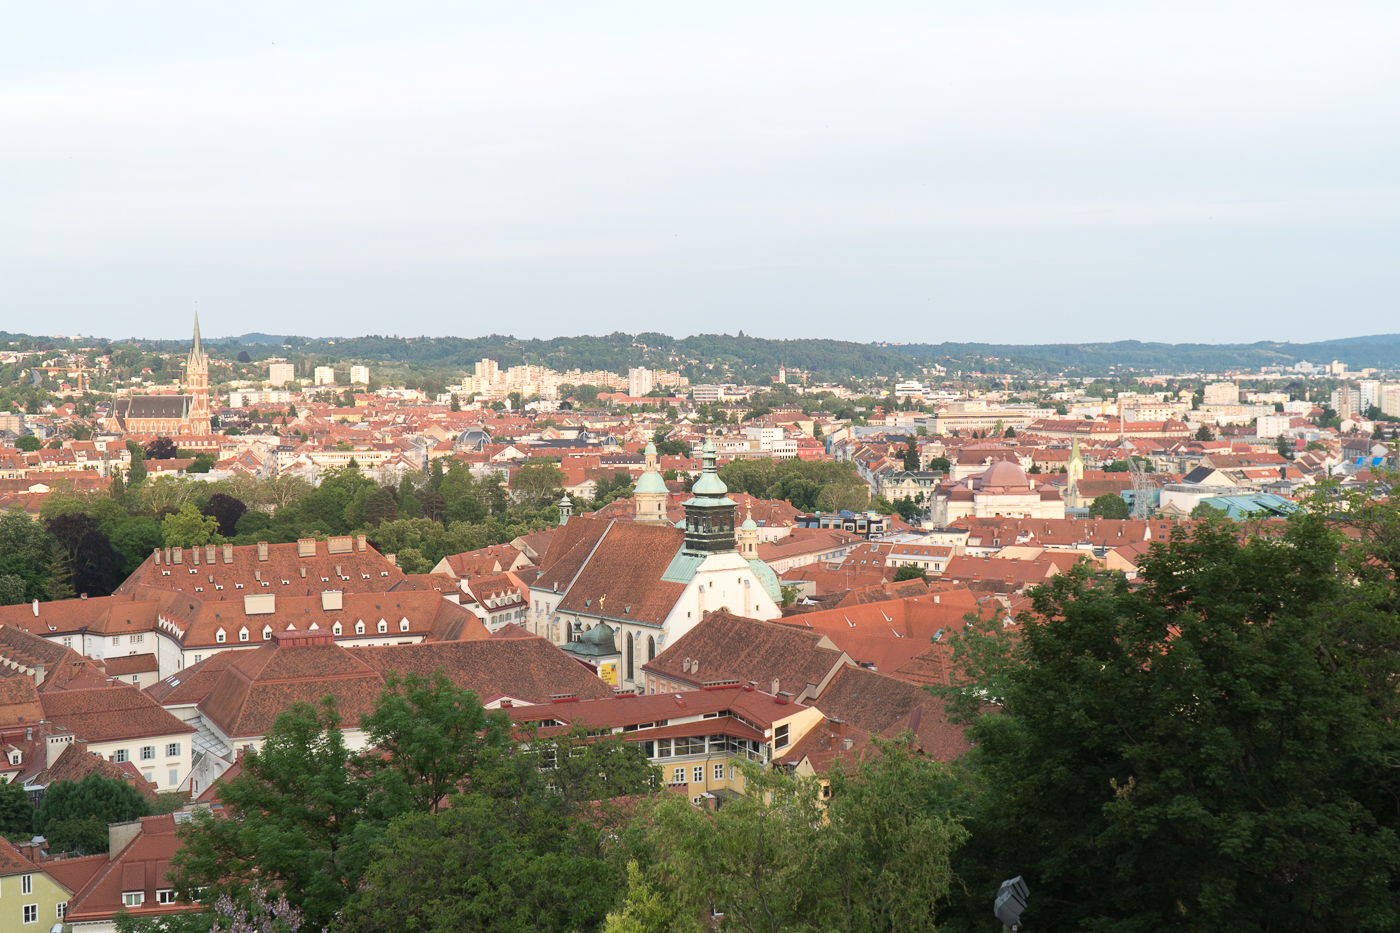 Panorama à 360 degrés de la terrasse de l'Uhrturm au Schlossberg